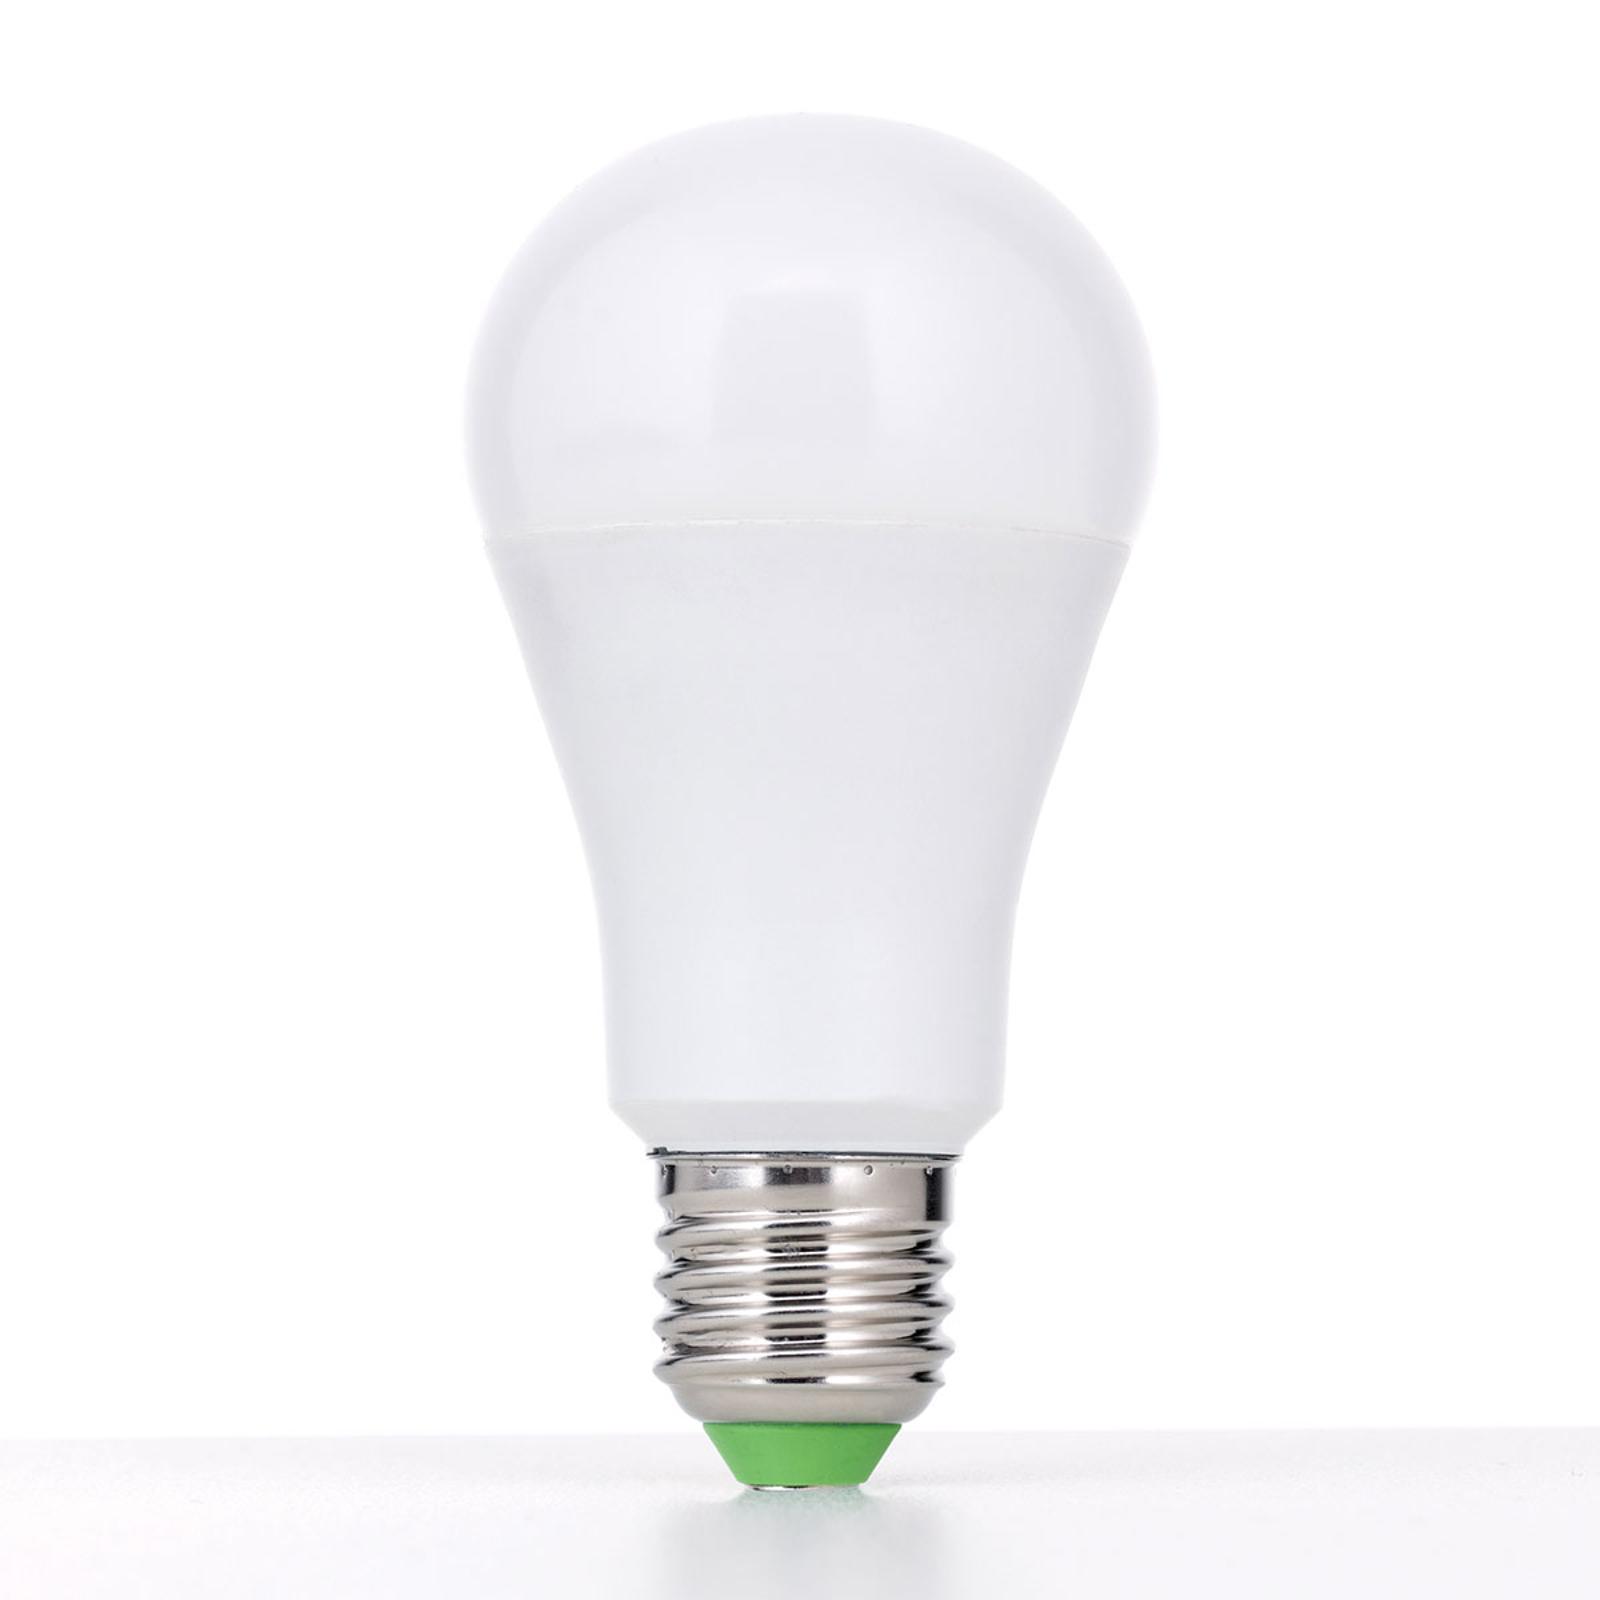 E27-LED-lamppu 18W opaali, himmennettävä